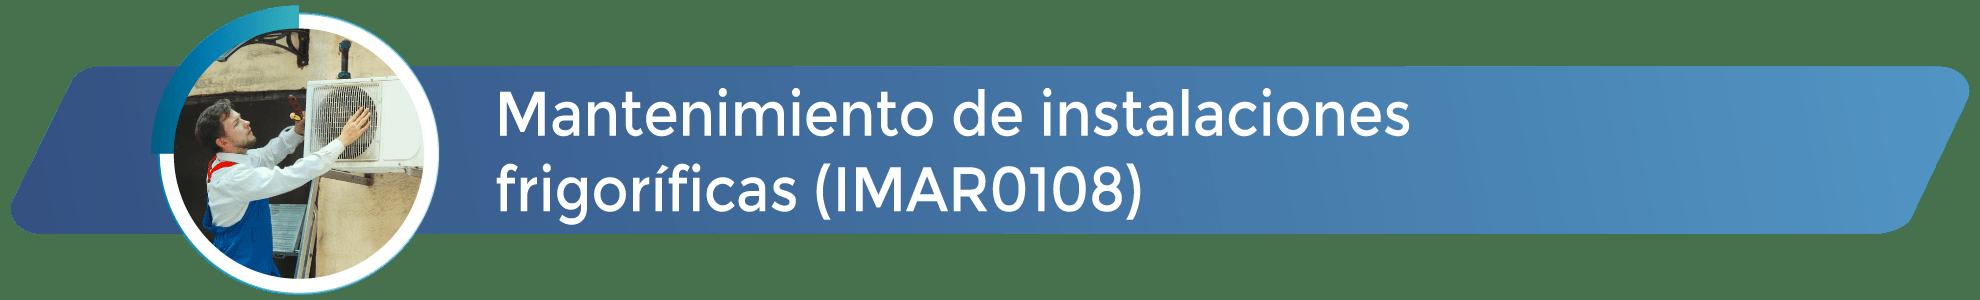 IMAR0108 - Mantenimiento de instalaciones frigoríficas